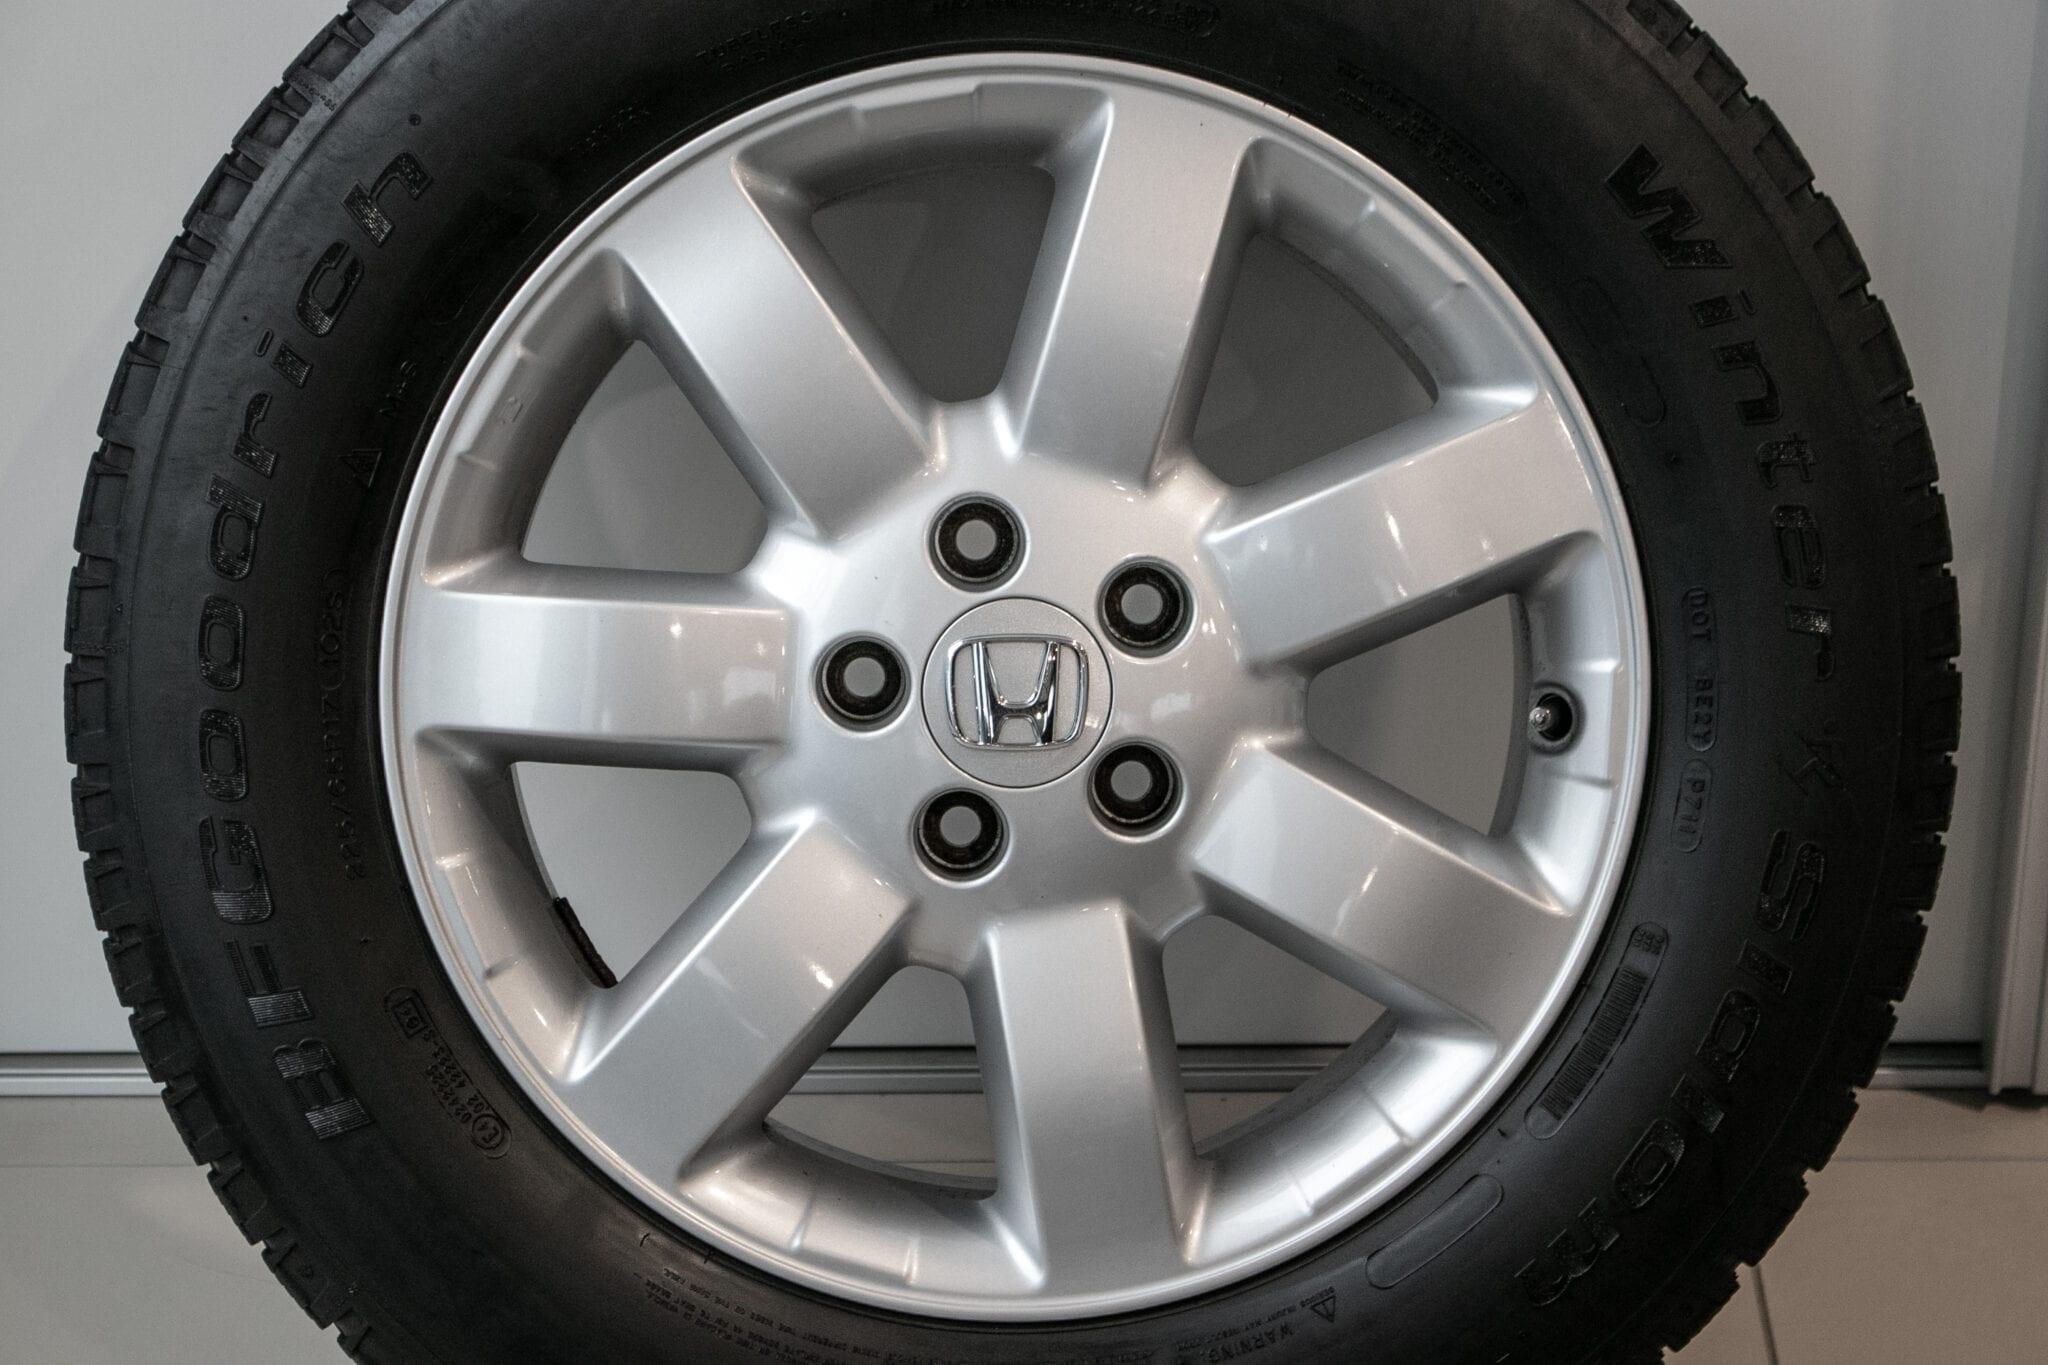 """17"""" Winterwielen voor de Honda CR-V ('07-'17) €399,- Gebruikt. Profieldiepte: 5.5mm - 5.6mm"""